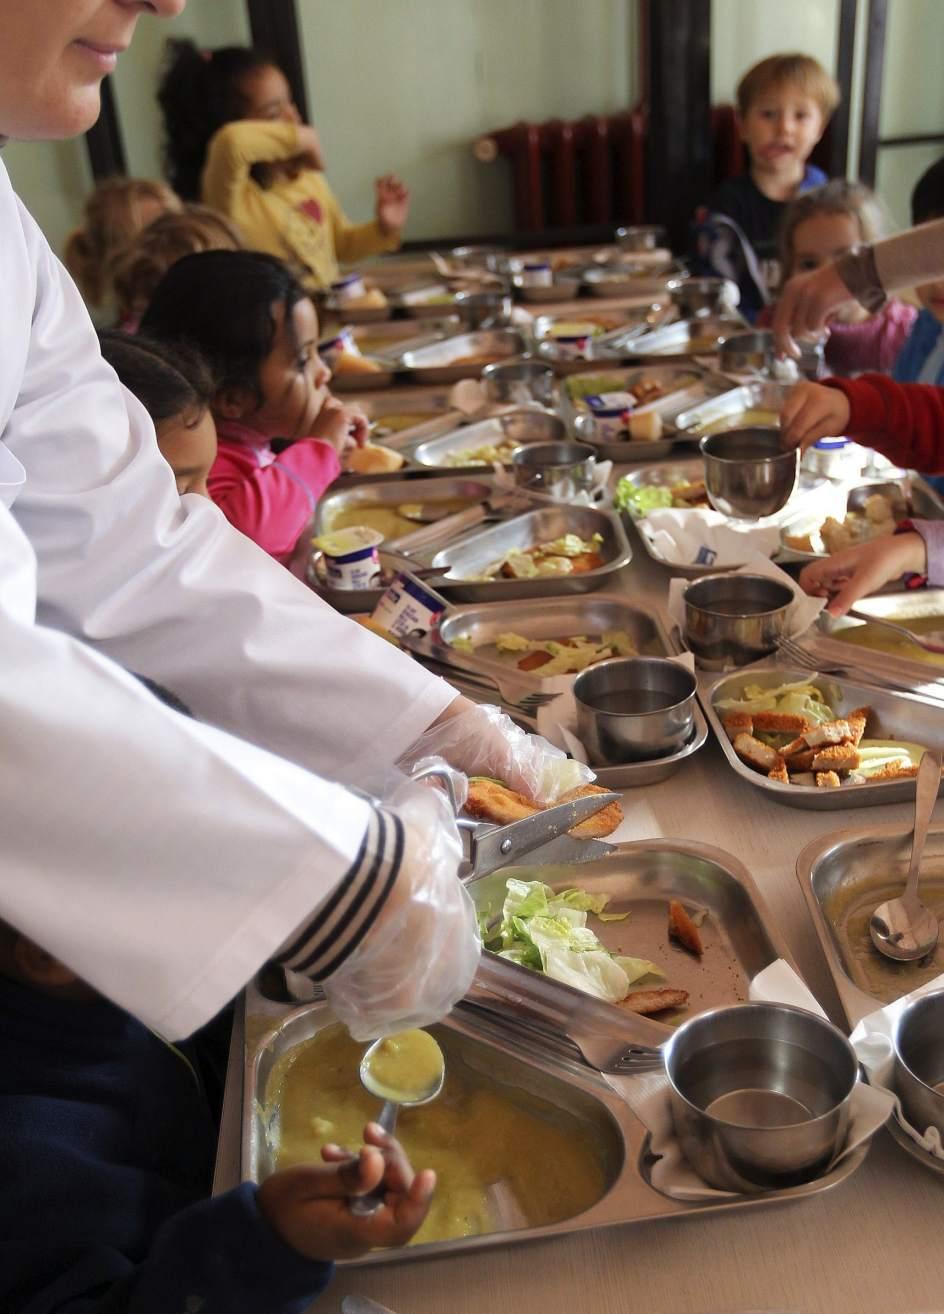 Becas Comedor Valencia | Madrid Dara 12 500 Ayudas De Comedor Mas Despues De Que 72 500